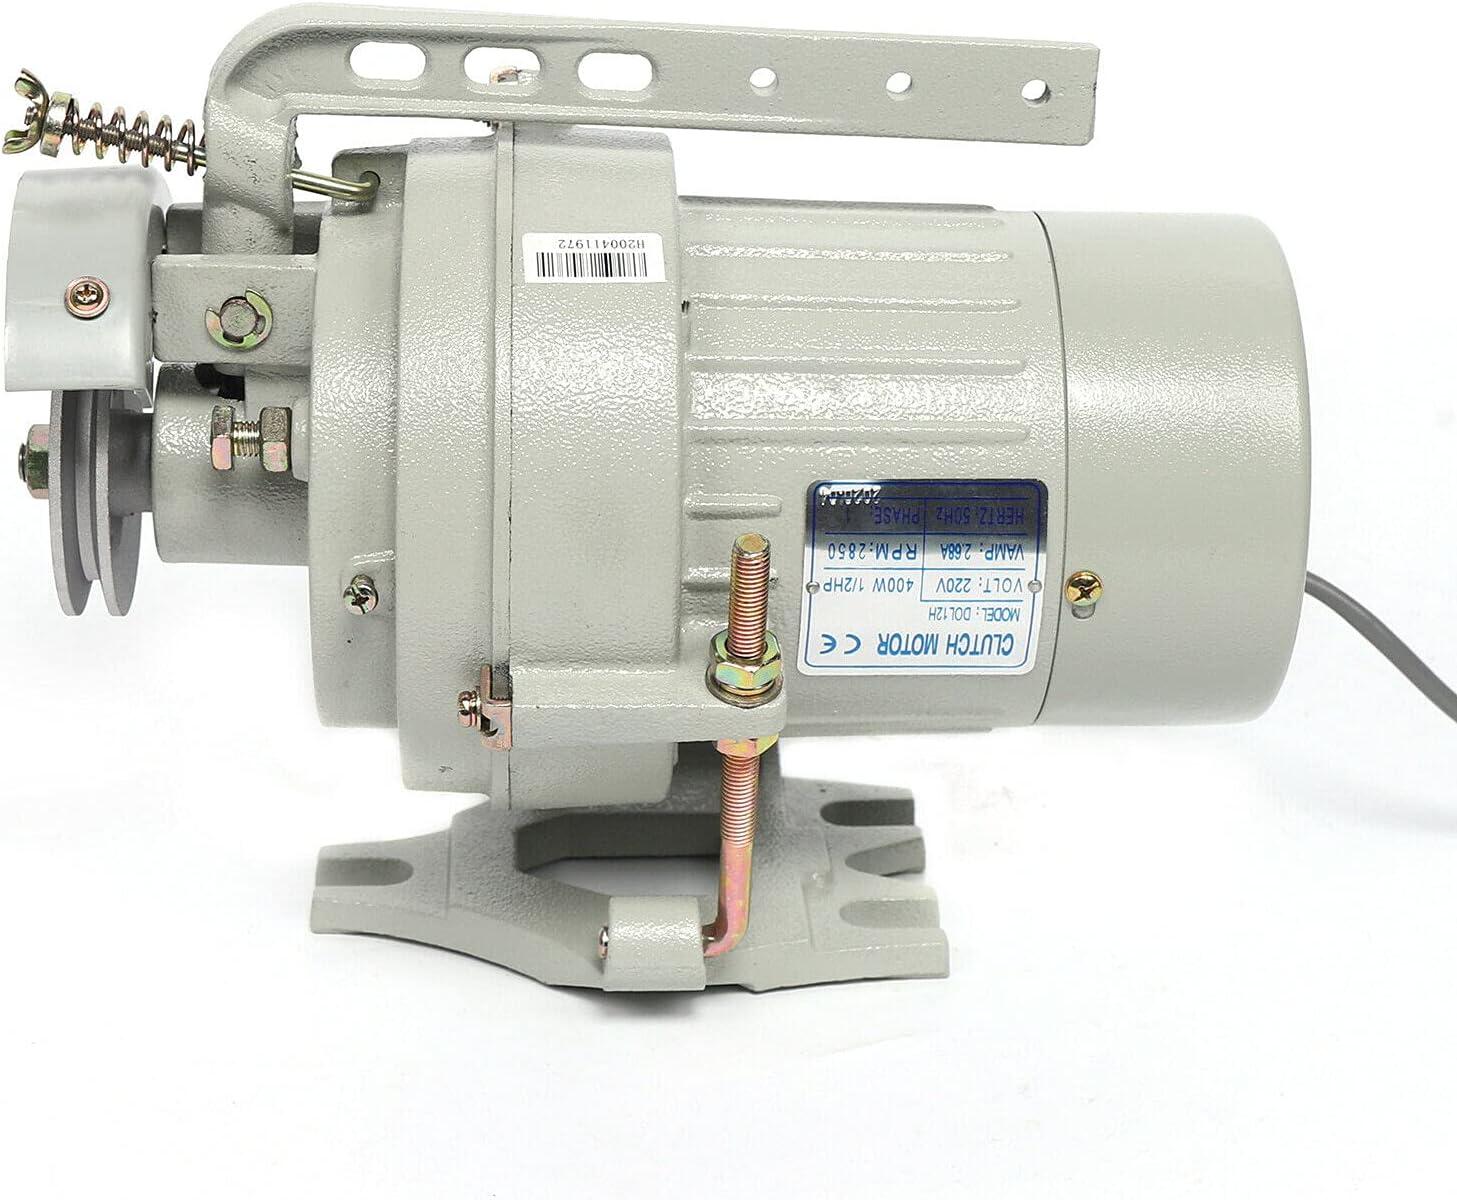 SHZICMY Motor para máquina de coser, 400 W, 220 V, 2850 rpm, 1/2 hp, monofásico, repuesto para máquina de coser